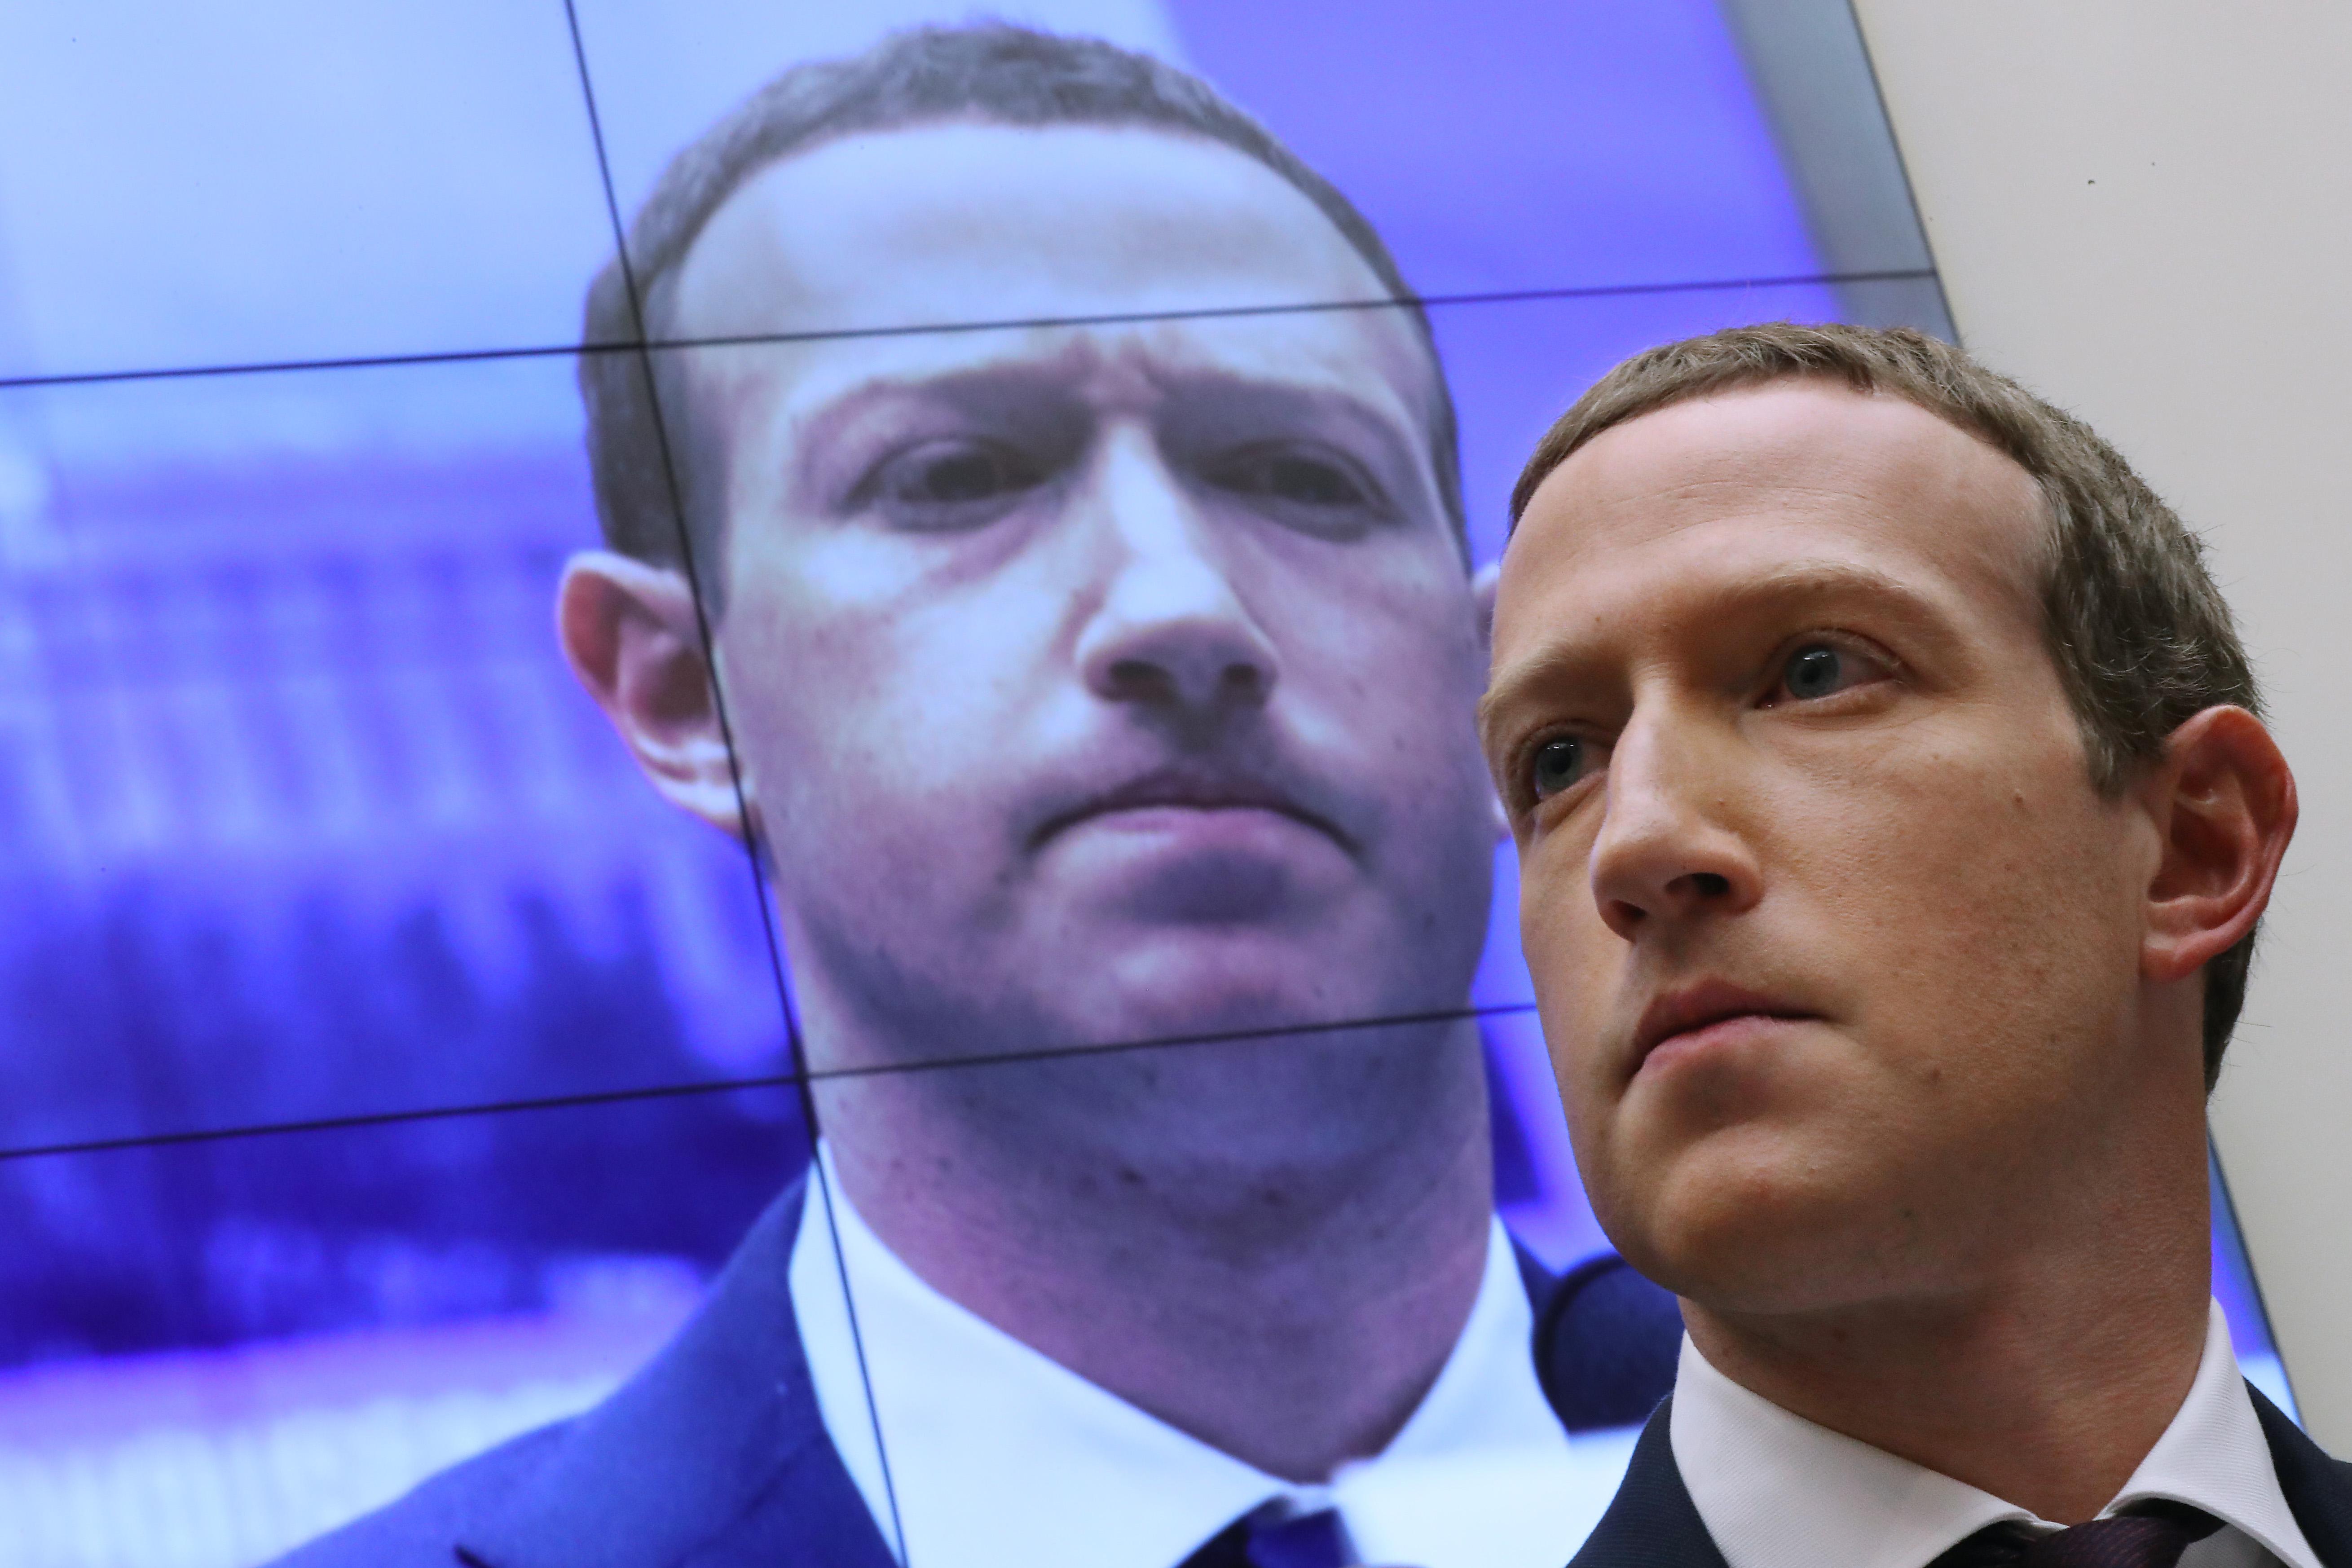 Többmilliós elitklubot hozott létre a Facebook olyan felhasználókból, akiket alig moderált